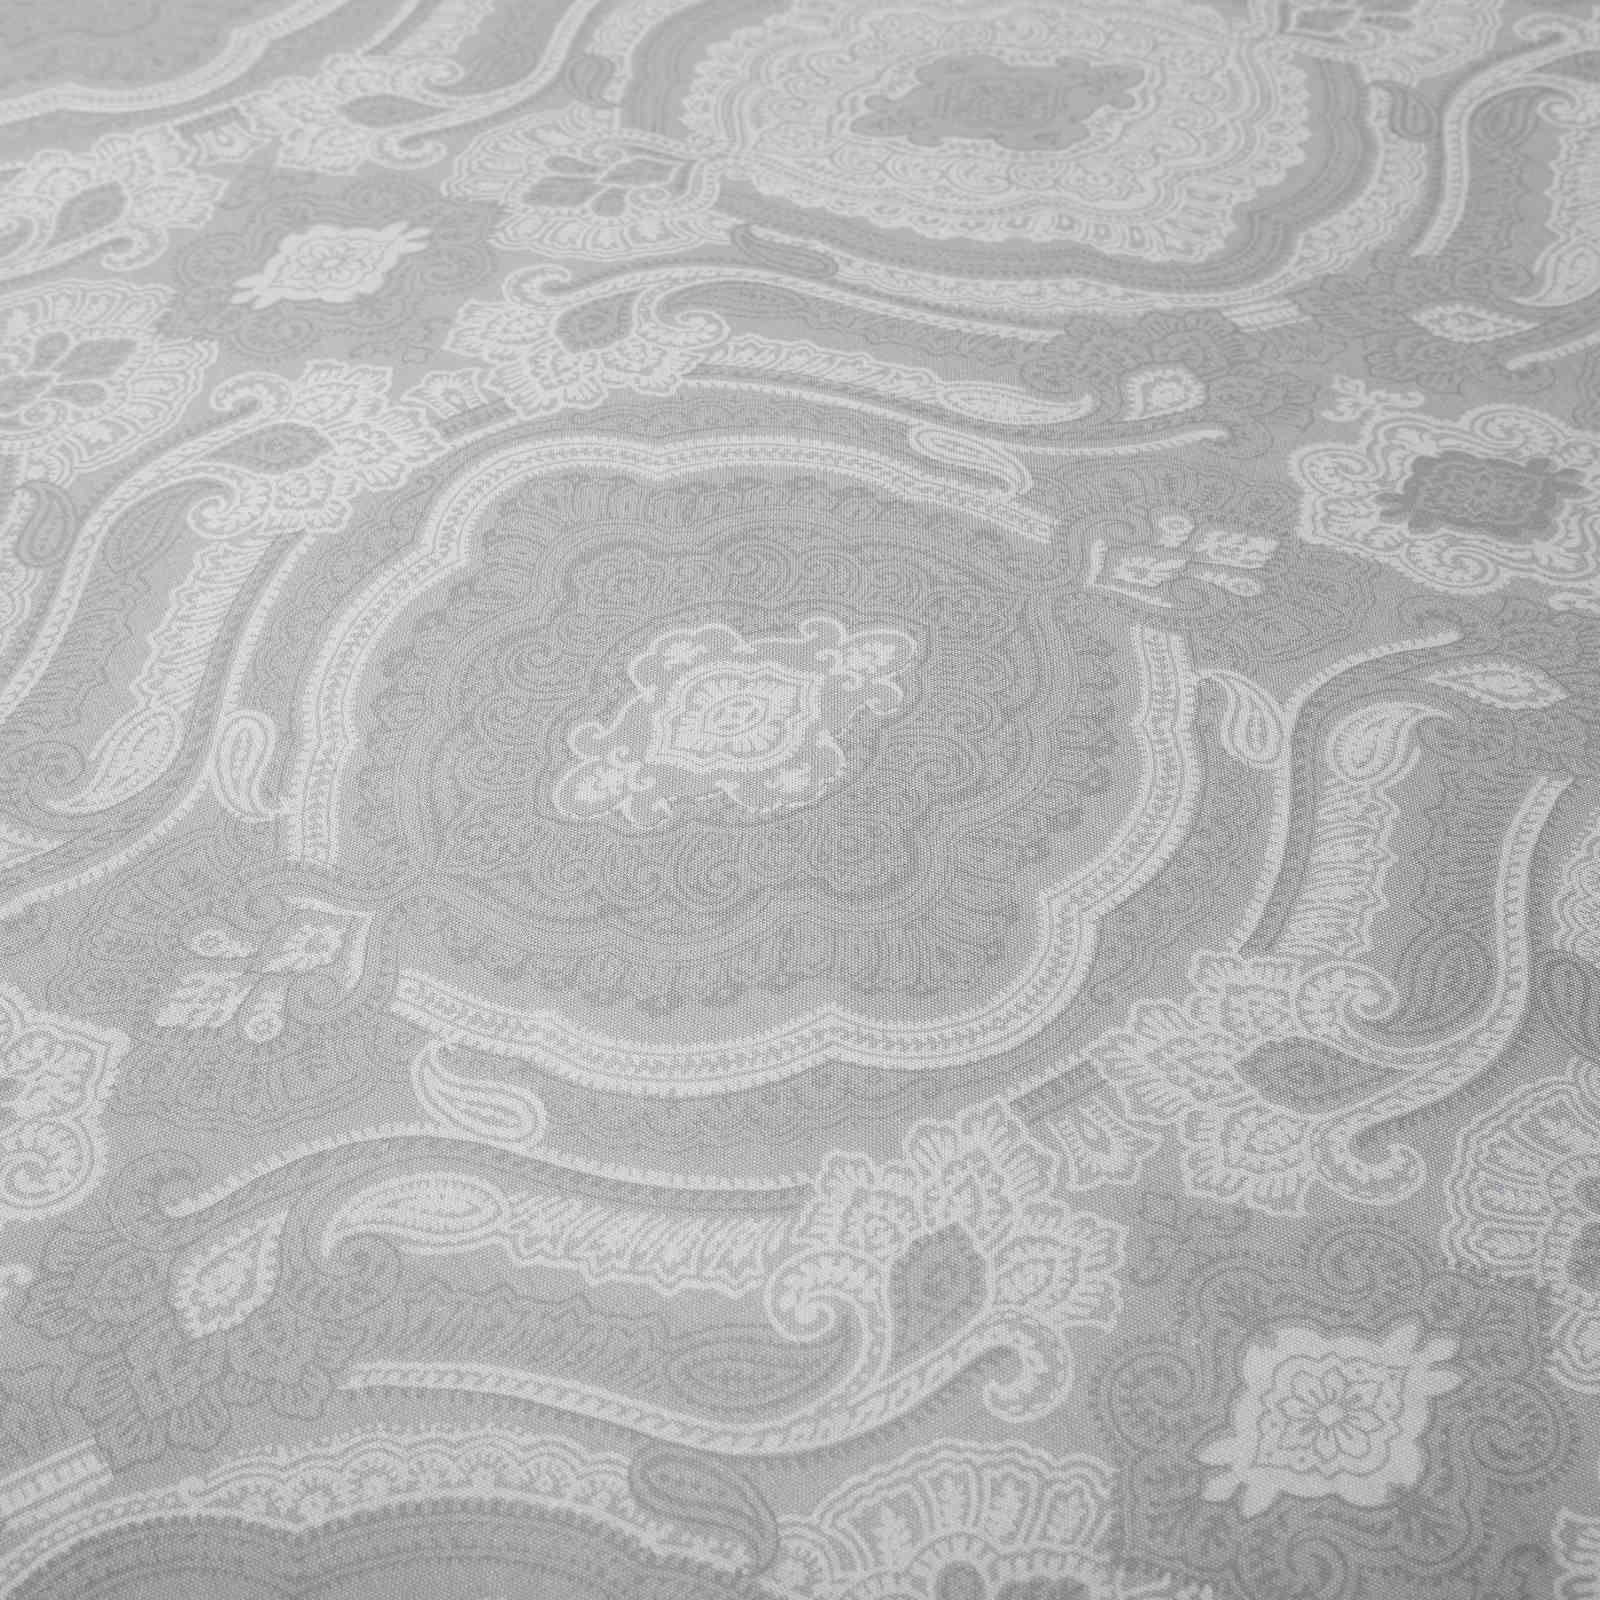 Grigio-Argento-Copripiumino-Stampato-Jacquard-Quilt-Set-Set-di-biancheria-da-letto-copre miniatura 3